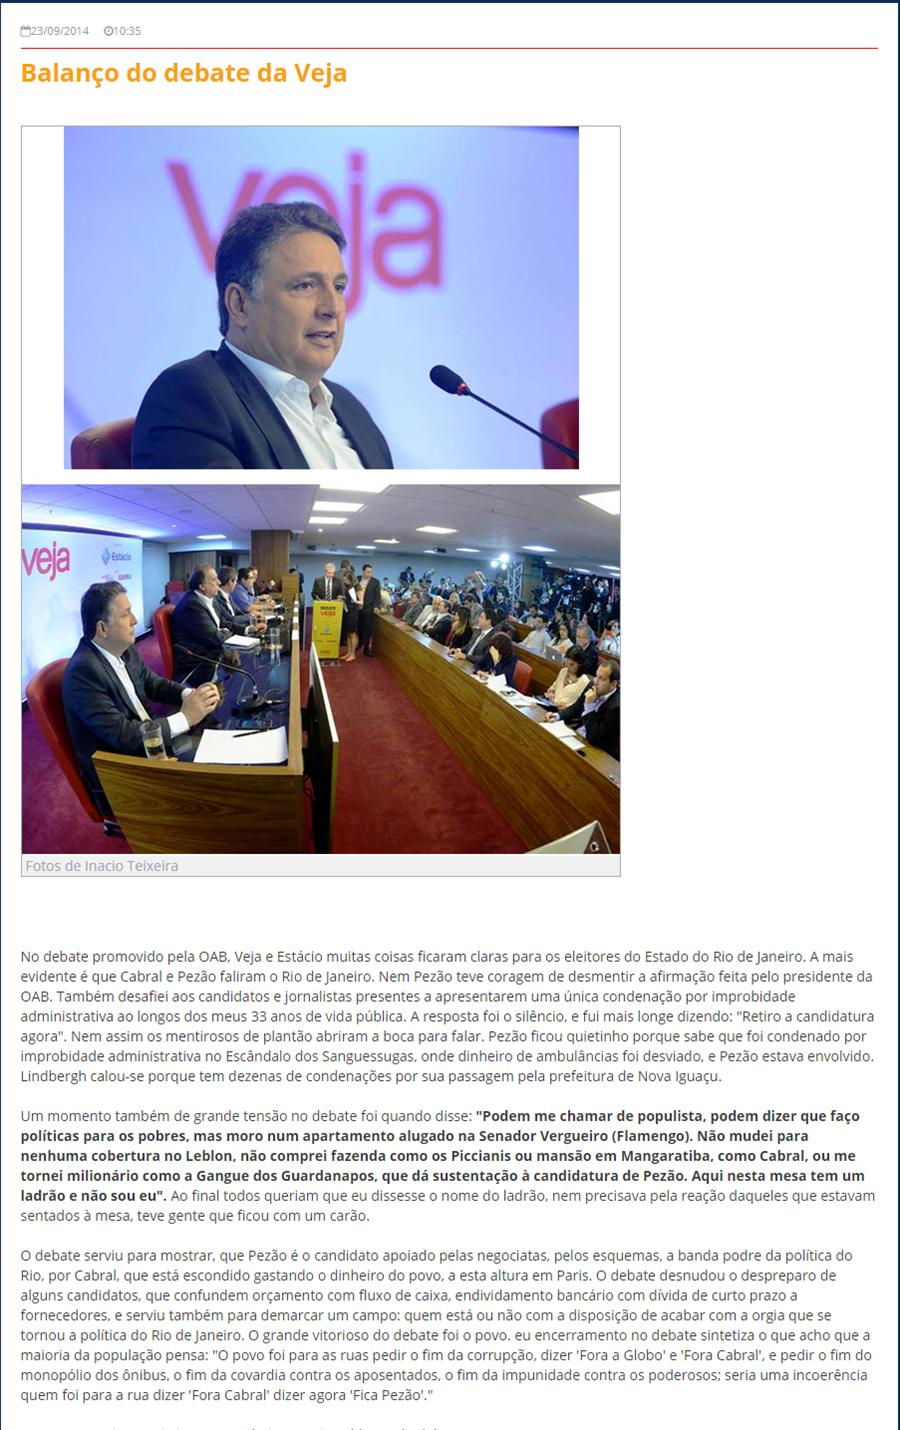 Matéria original do Blog do Garotinho publicada em 23/09/2014